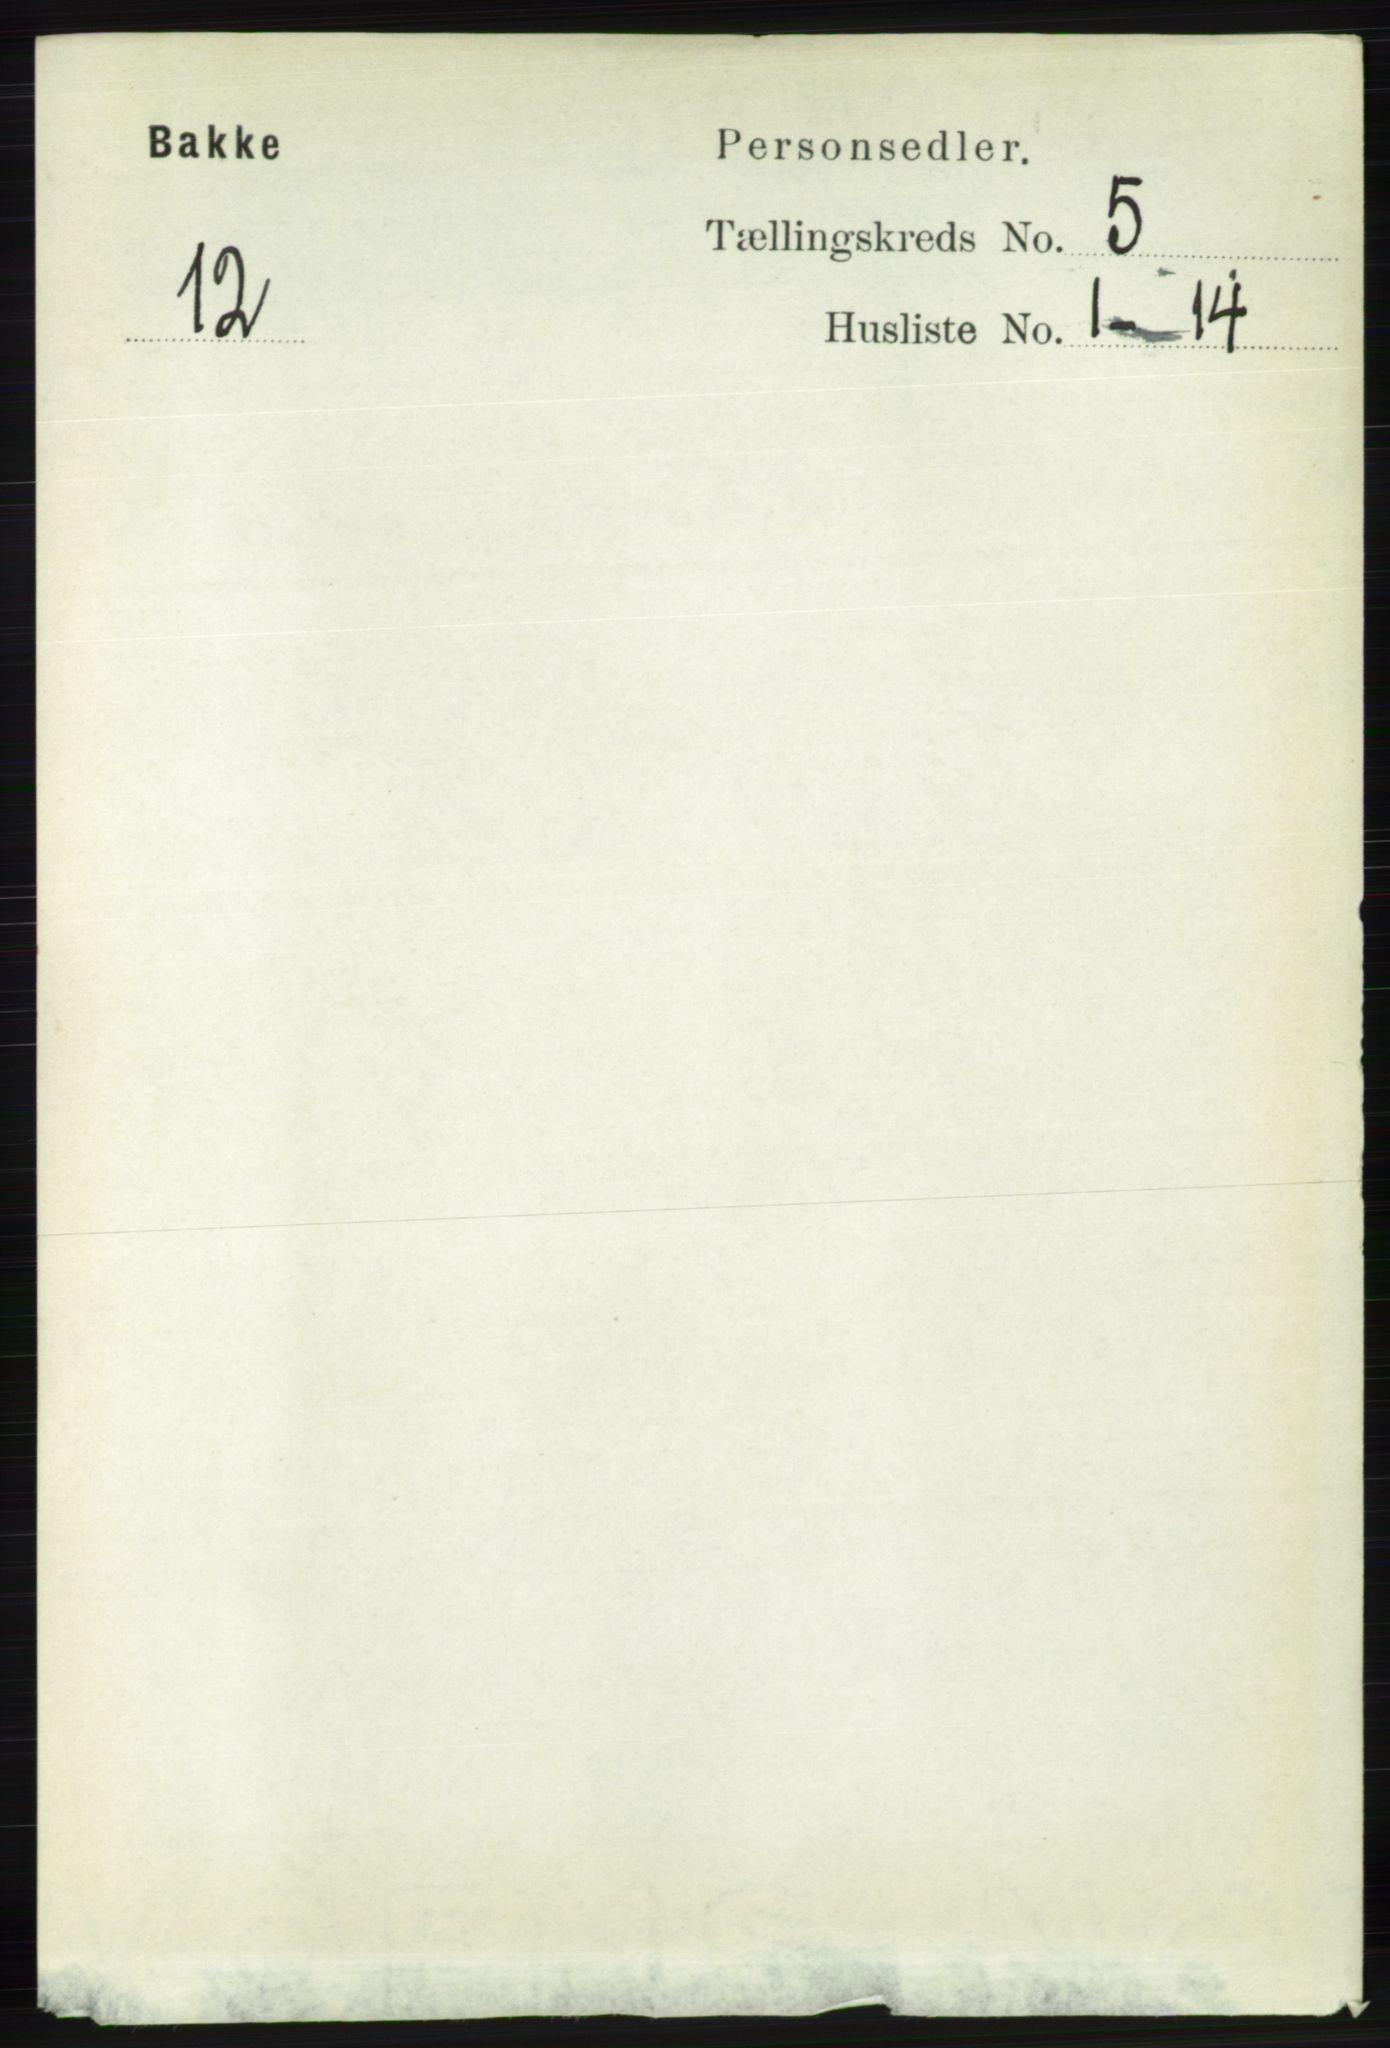 RA, Folketelling 1891 for 1045 Bakke herred, 1891, s. 1078